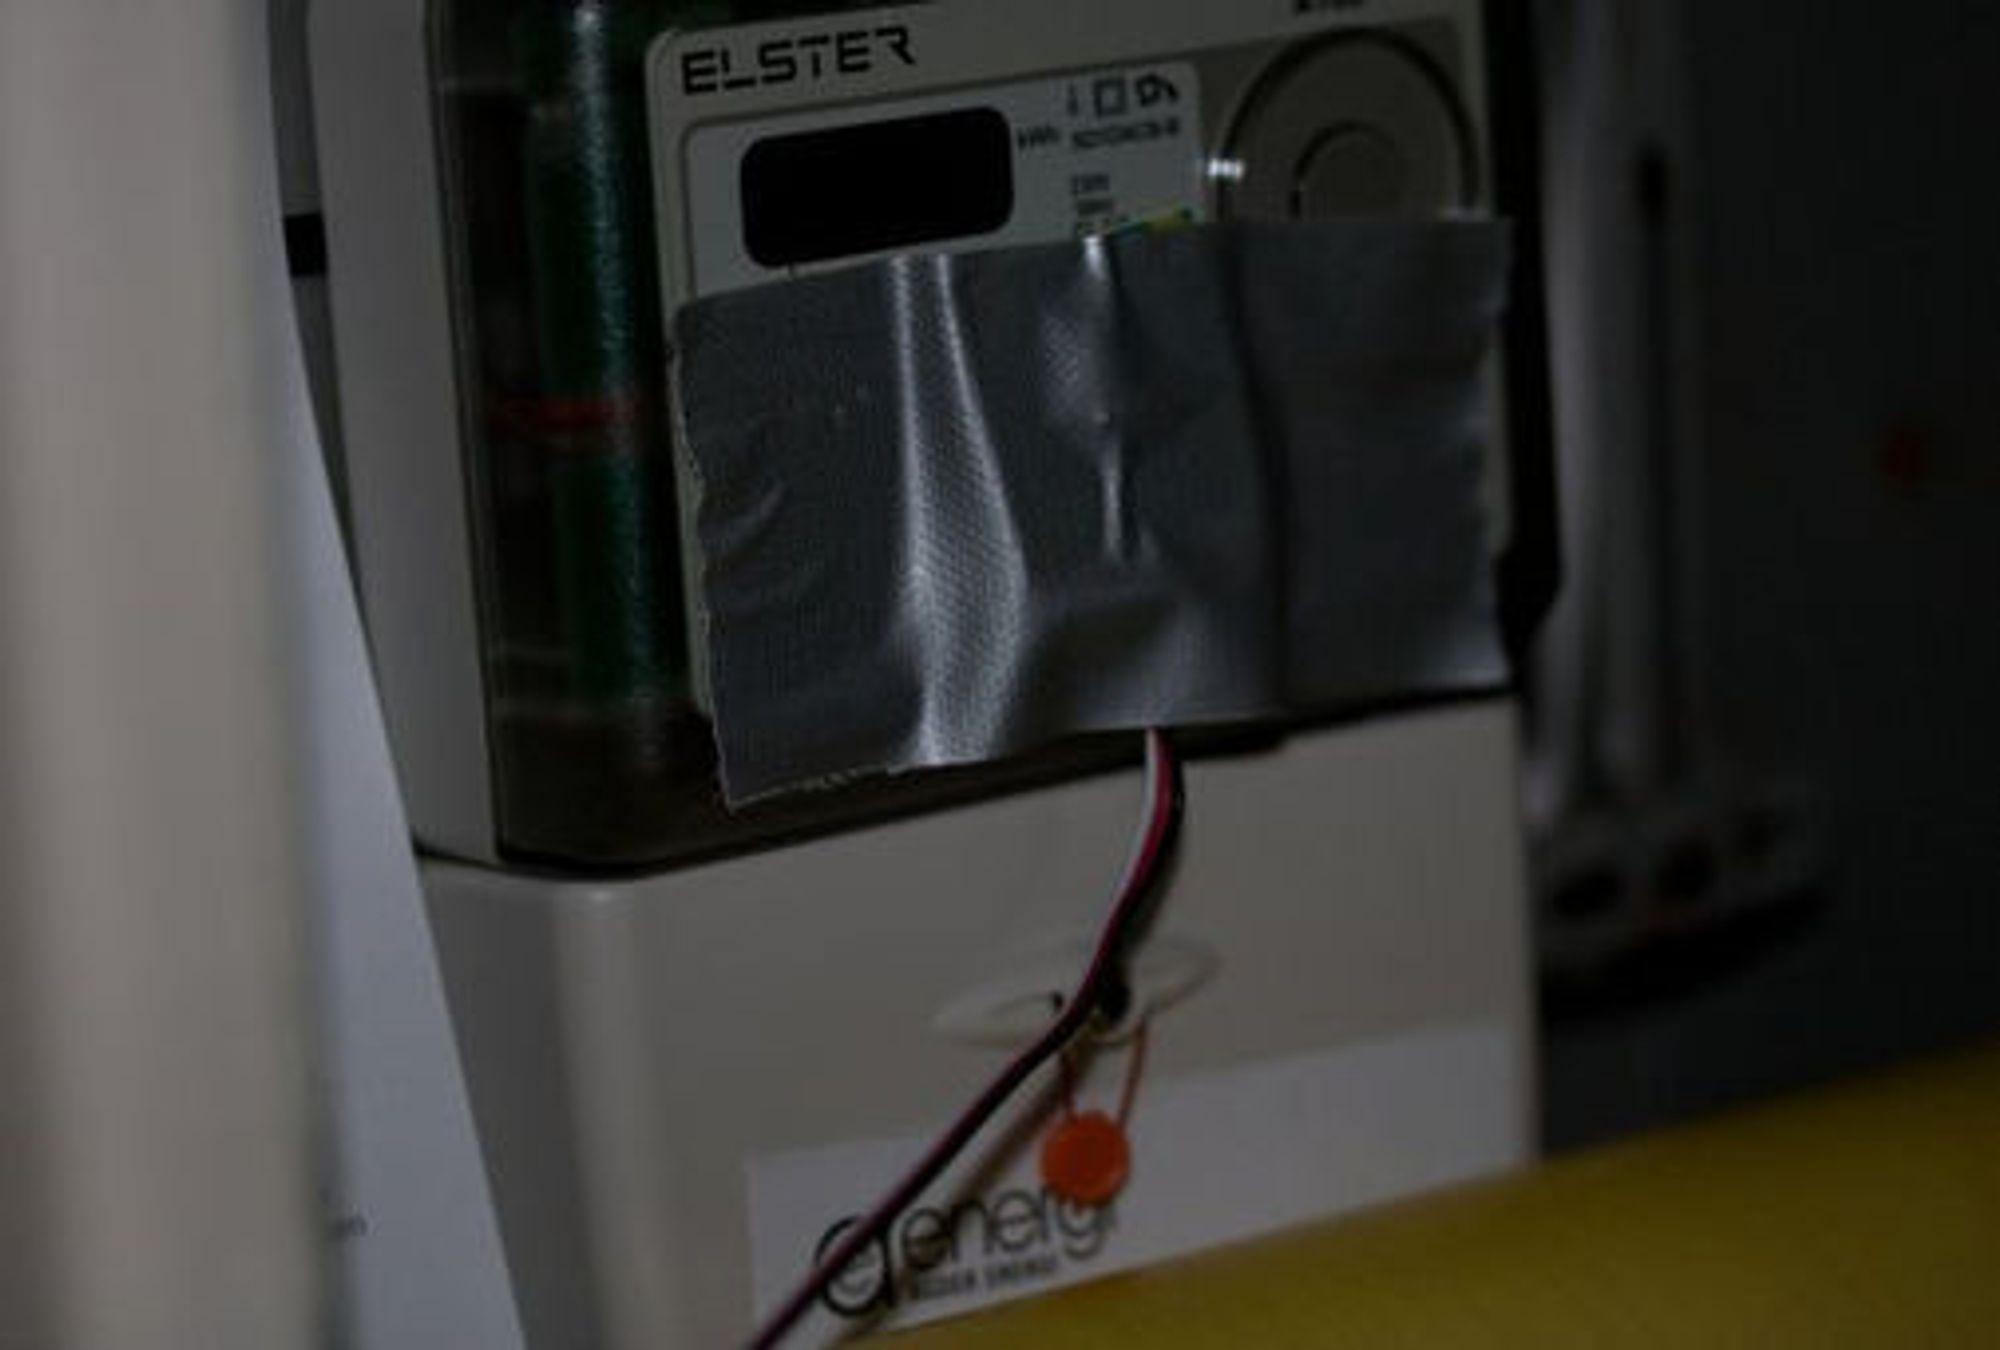 Lyssensor montert foran strømmåler ved hjelp av tape. Foto: Harald Nesland